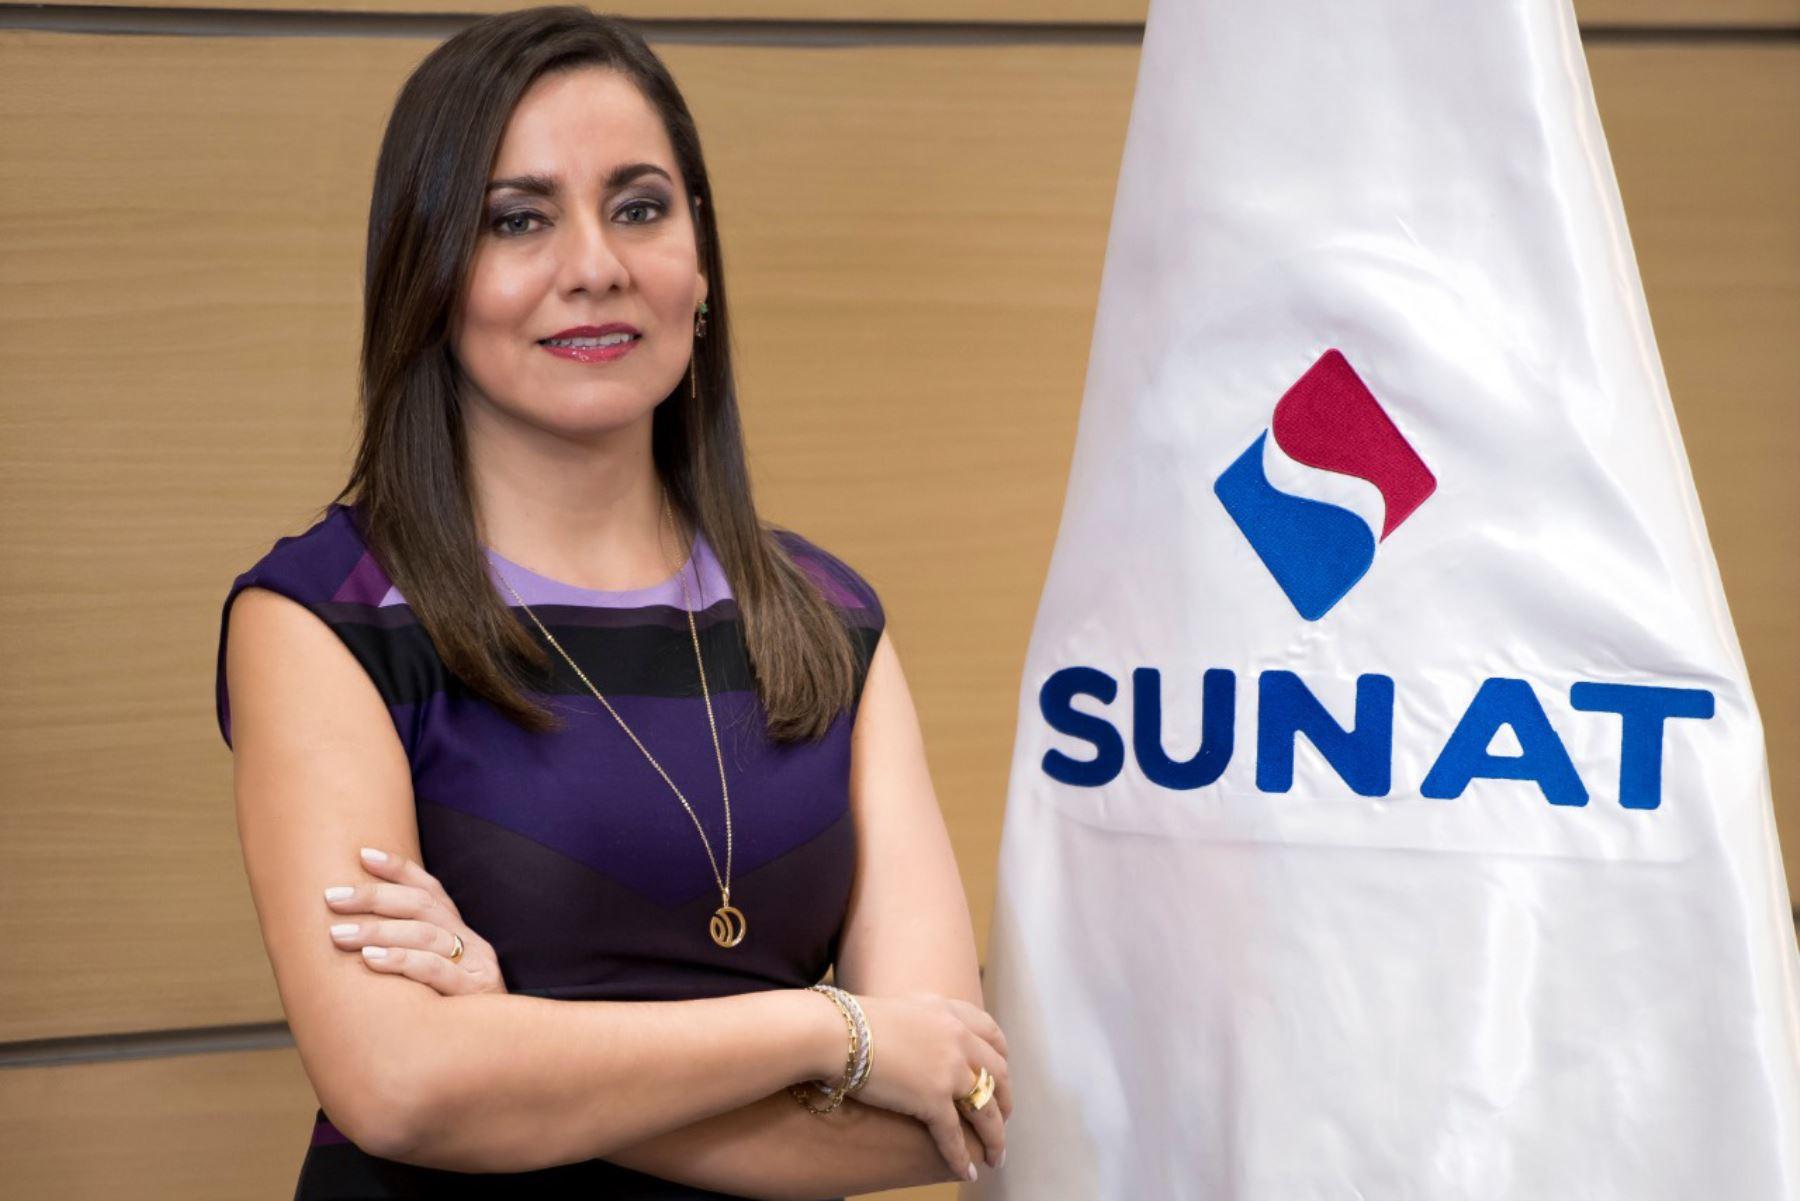 Jefe de la Sunat, Claudia Suárez Gutiérrez. ANDINA/Difusión